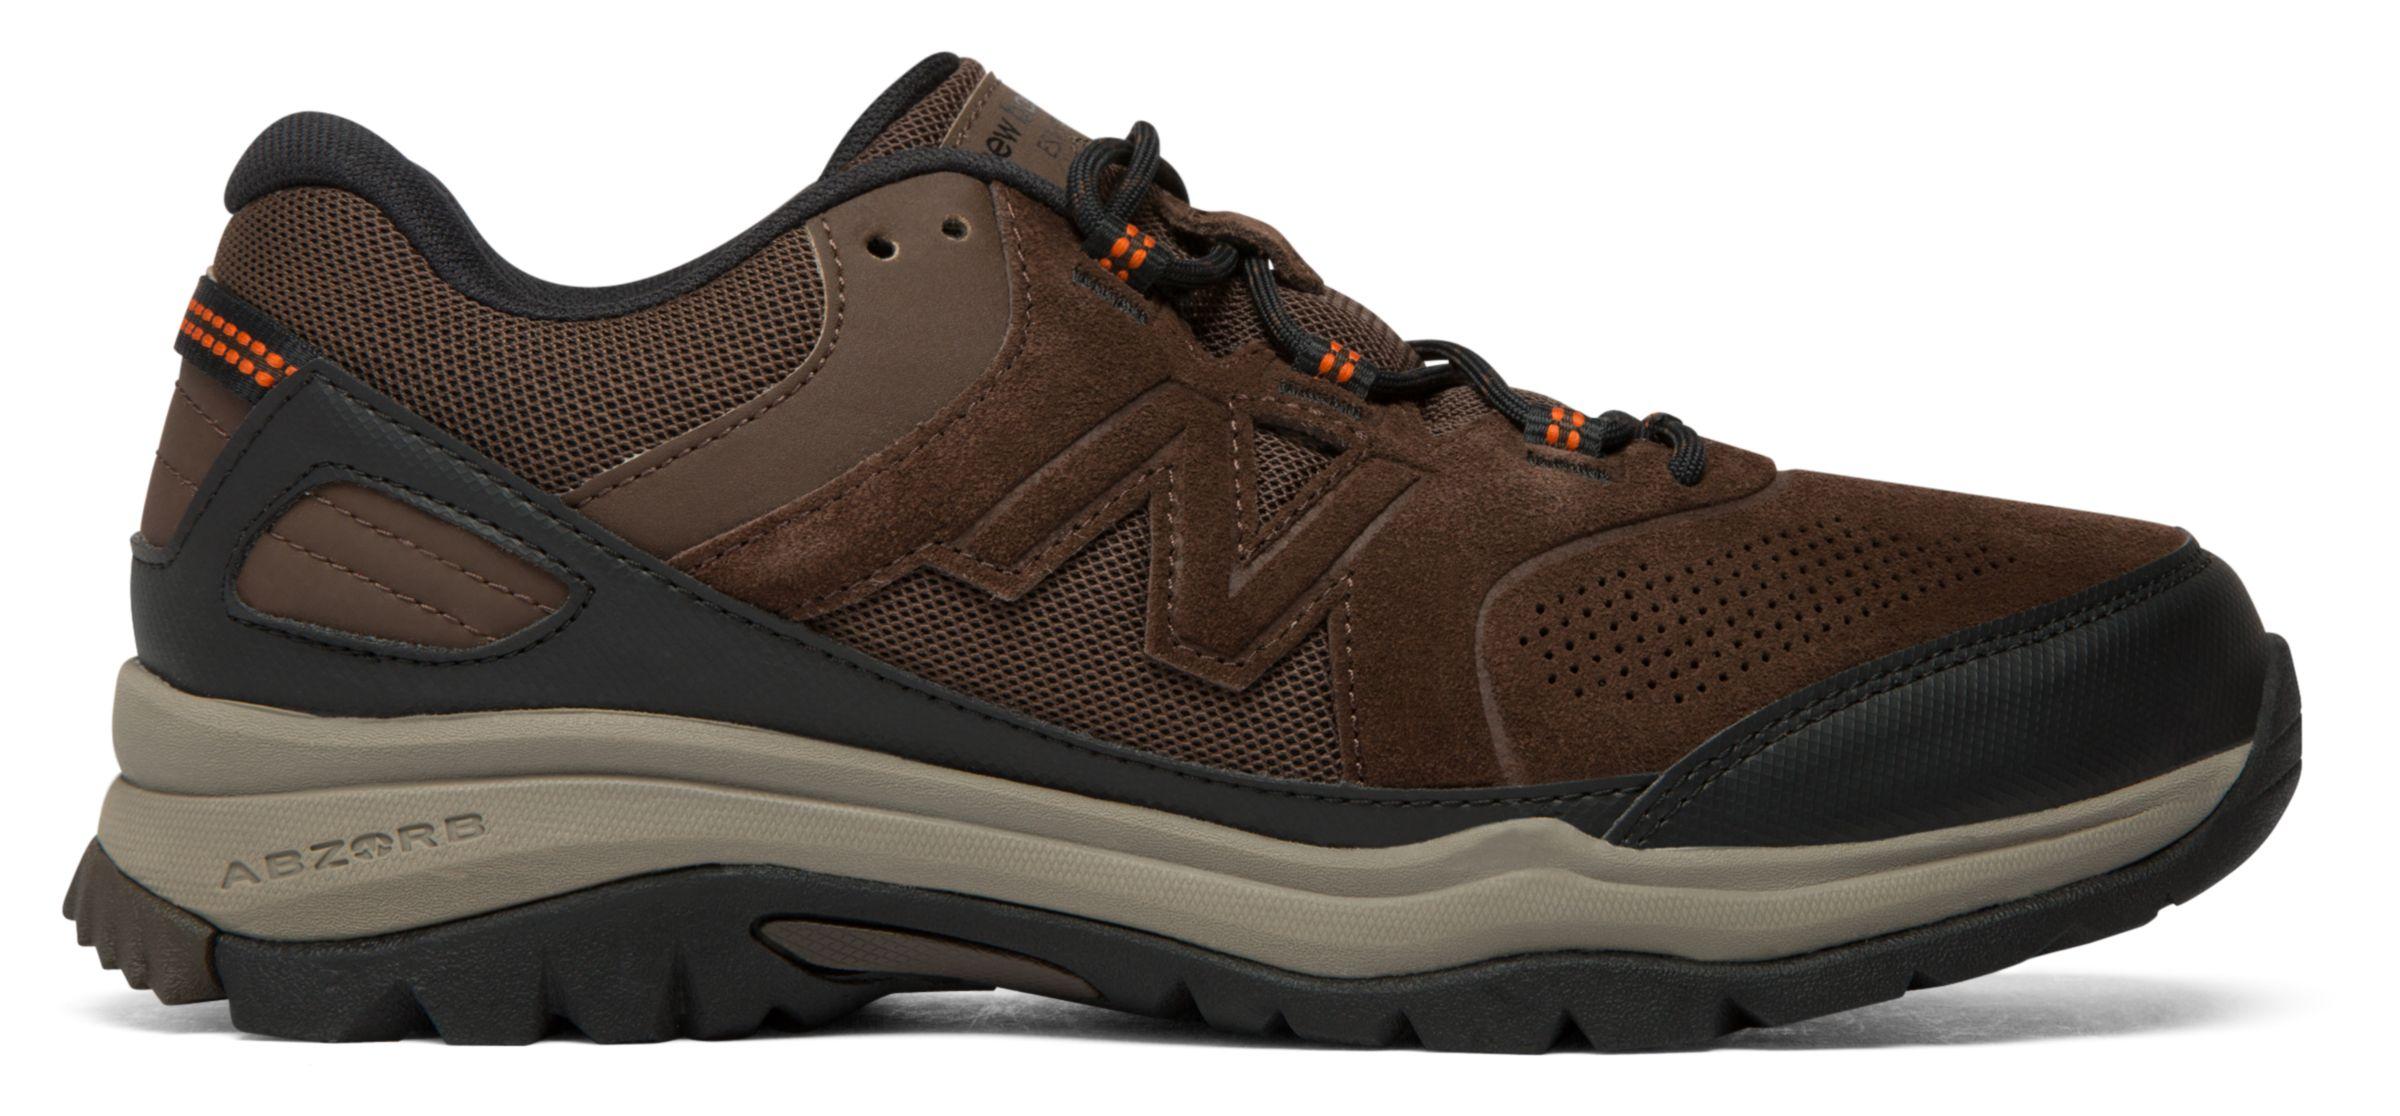 Chaussures Ventes Nouvelles De Marche De Des Hommes L Des quilibre FAxqxnwgd6